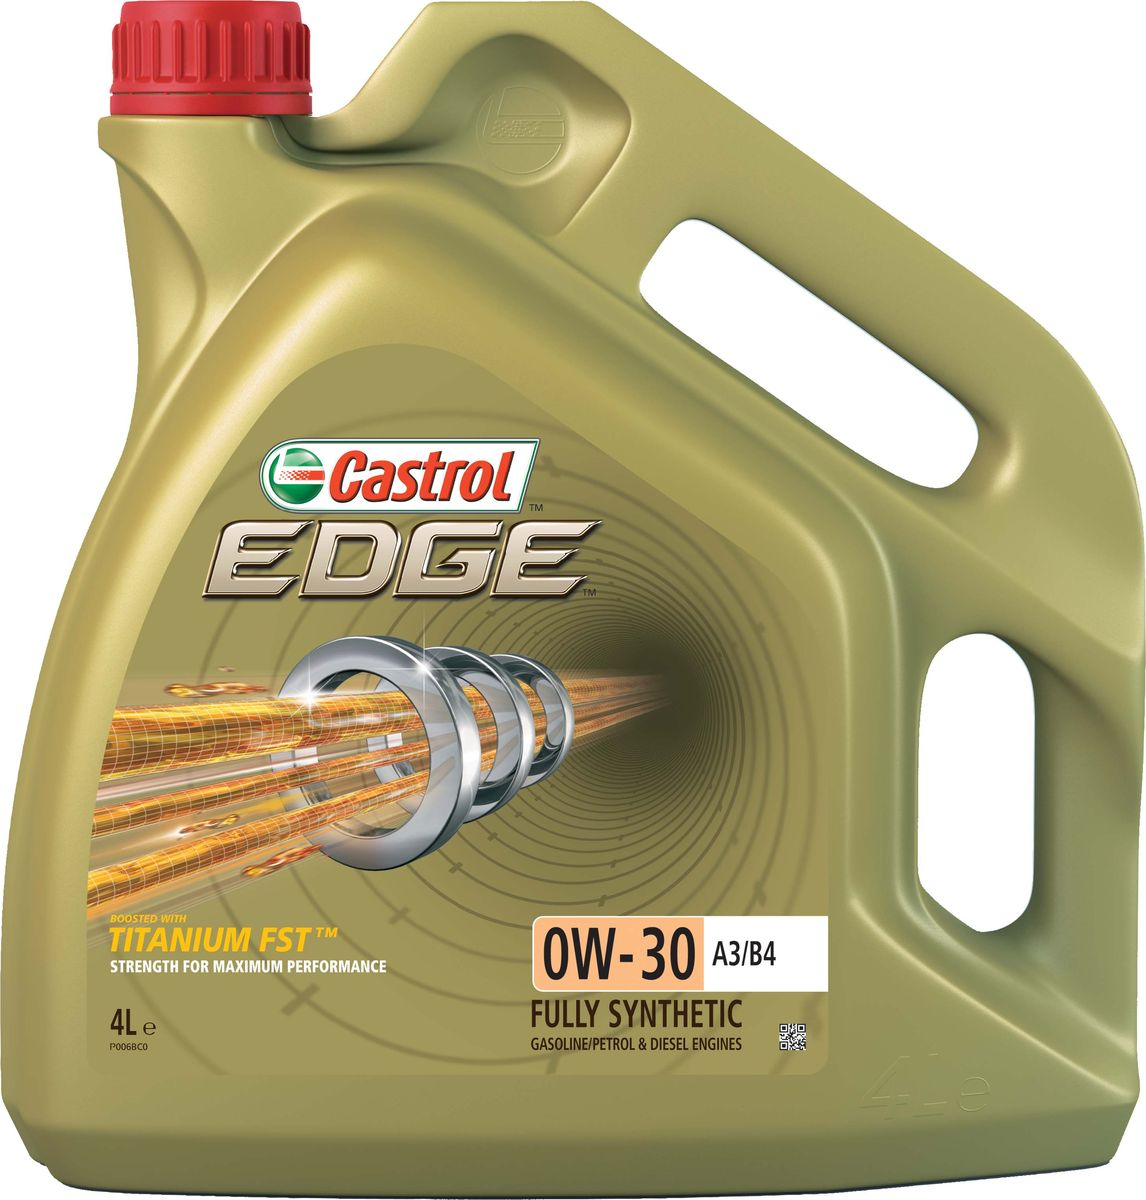 Масло моторное Castrol Edge, синтетическое, класс вязкости 0W-30, A3/B4, 4 л. 157E6B157E6BПолностью синтетическое моторное масло Castrol Edge произведено с использованием новейшей технологии TITANIUM FST™, придающей масляной пленке дополнительную силу и прочность благодаря соединениям титана.TITANIUM FST™ радикально меняет поведение масла в условиях экстремальных нагрузок, формируя дополнительный ударопоглащающий слой. Испытания подтвердили, что TITANIUM FST™ в 2 раза увеличивает прочность пленки, предотвращая ее разрыв и снижая трение для максимальной производительности двигателя.С Castrol Edge ваш автомобиль готов к любым испытаниям независимо от дорожных условий.Применение:Castrol Edge предназначено для бензиновых и дизельных двигателей автомобилей, где производитель рекомендует моторные масла класса вязкости SAE 0W-30 спецификаций ACEA A3/B3, A3/B4, API SL/CF или более ранних.Castrol Edge одобрено к применению ведущими производителями техники.Castrol Edge обеспечивает надежную и максимально эффективную работусовременных высокотехнологичных двигателей, созданных по новейшим инженерным разработкам, которые работают в условиях ужесточенных допусков производителей техники, требующих высокого уровня защиты и использования маловязких масел.Castrol Edge:- поддерживает максимальную эффективность работы двигателя, как в краткосрочном периоде времени, так и на длительный срок эксплуатации;- подавляет образование отложений, способствуя повышению скорости реакции двигателя на нажатие педали акселератора;- обеспечивает непревзойденный уровень защиты мотора в разных условиях движения и широком диапазоне температур;- обеспечивает и поддерживает максимальную мощность двигателя в течении длительного времени, даже в условиях интенсивной эксплуатации;- повышает КПД двигателя (независимо подтверждено);- Отличные низкотемпературные свойства. Спецификации:ACEA A3/B3, A3/B4,API SL/CF,BMW Longlife-01,Meets Fiat 9.55535-G1,MB-Approval 229.3/ 229.5,VW 502 00 / 505 00.Товар сертифицирован